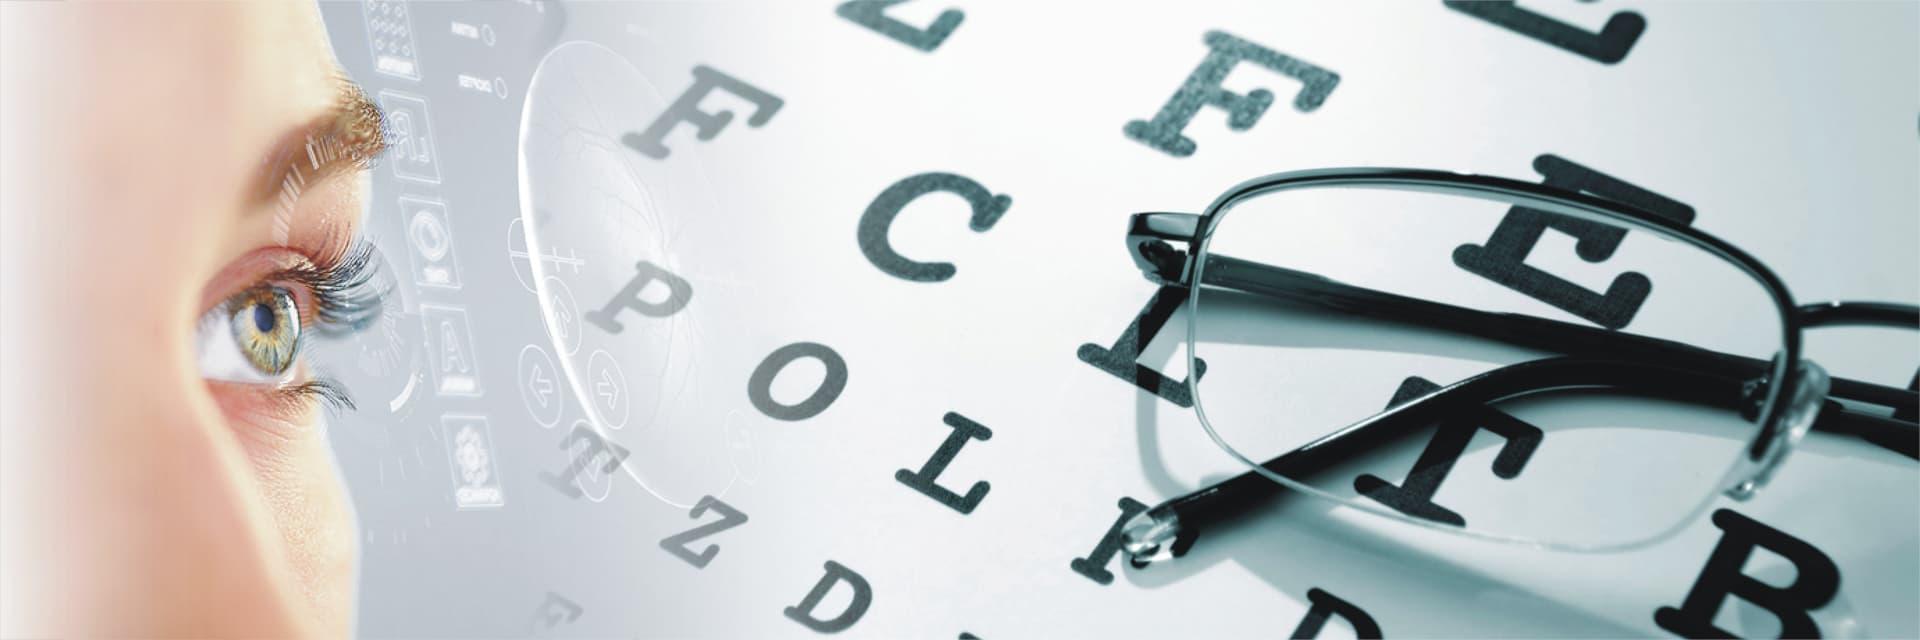 dicționar oftalmolog)